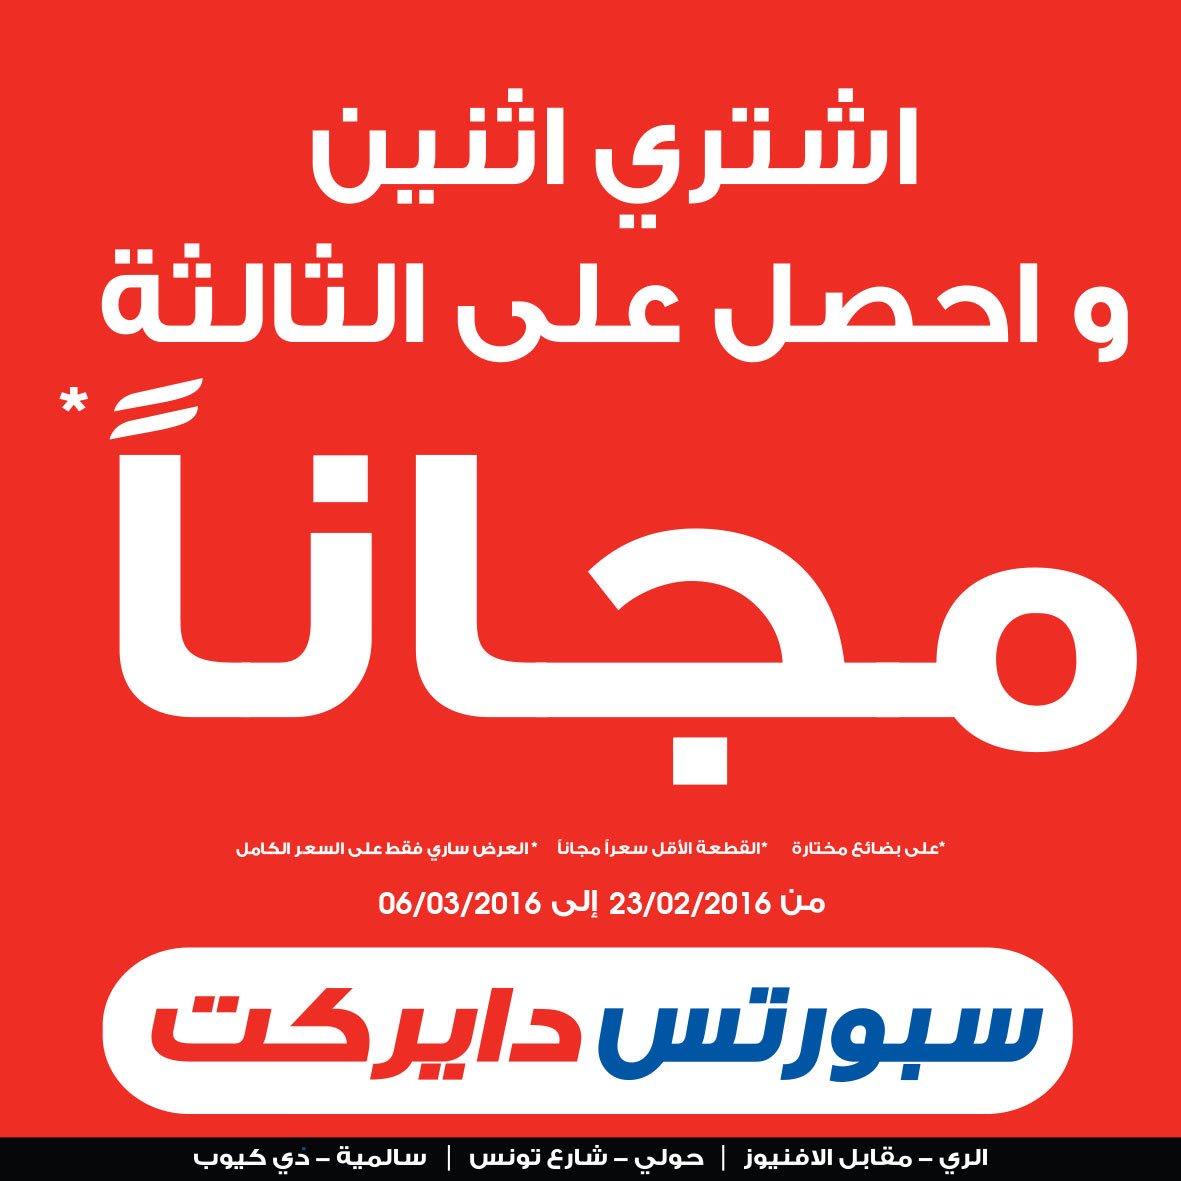 اشتري قطعتين واحصل على الثالثة مجاناً #SportsDirectKw #Kuwait https://t.co/LP9m9WrJuc